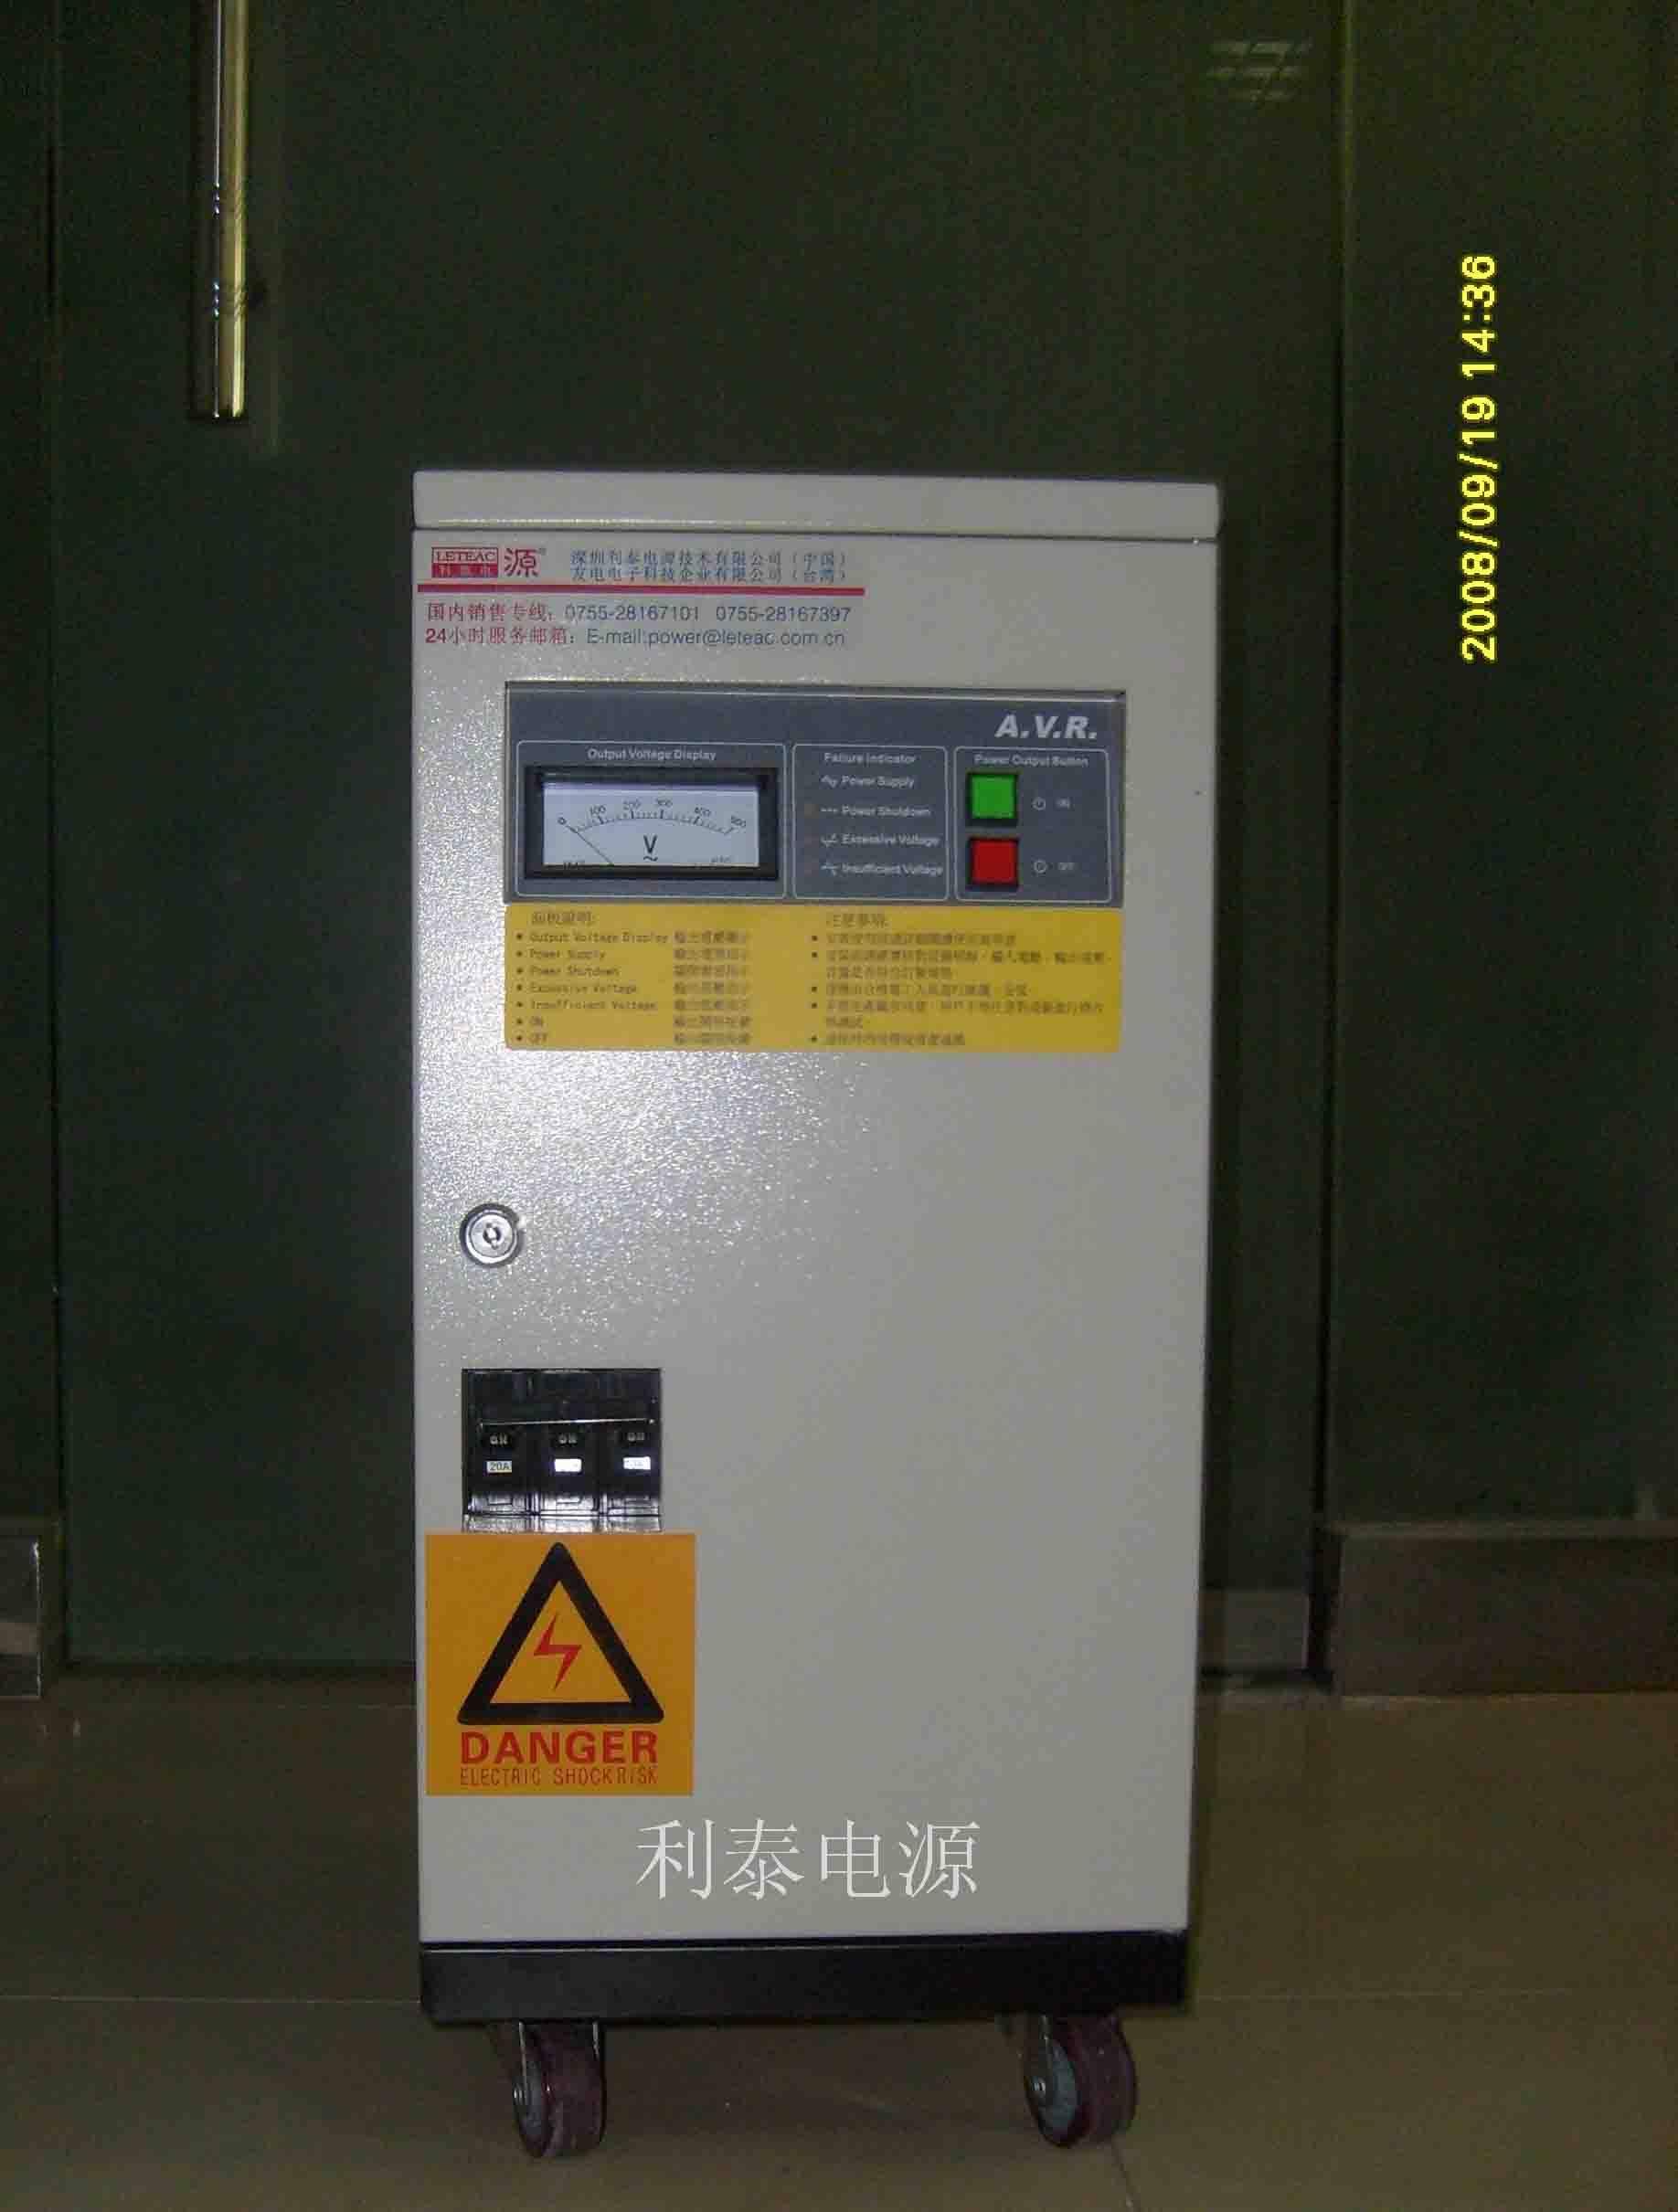 深圳*利泰电源*生产的PLS系列无触点绿色激光稳压,是根据激光焊接,激光打标设备的特点,设计制造的新型节电型无触点绿色稳压.具有以下特色: 国际级质量认证:电气安全性绝对保证。 输入功率因子高::在正常的输入电压及满载的情况下,本稳压系统的输入功率因子为100%(电阻性负载时),且在输入线路中改善电压质量,因此能有效地提高线路的功率因子。 绿色节能:由于本稳压系统在空载情况下,只有铁损和控制电路的自损耗电流输入,此电流相当微小几乎可忽略,其特性表现较其它类型稳压节电10-20% 稳压范围宽:稳压范